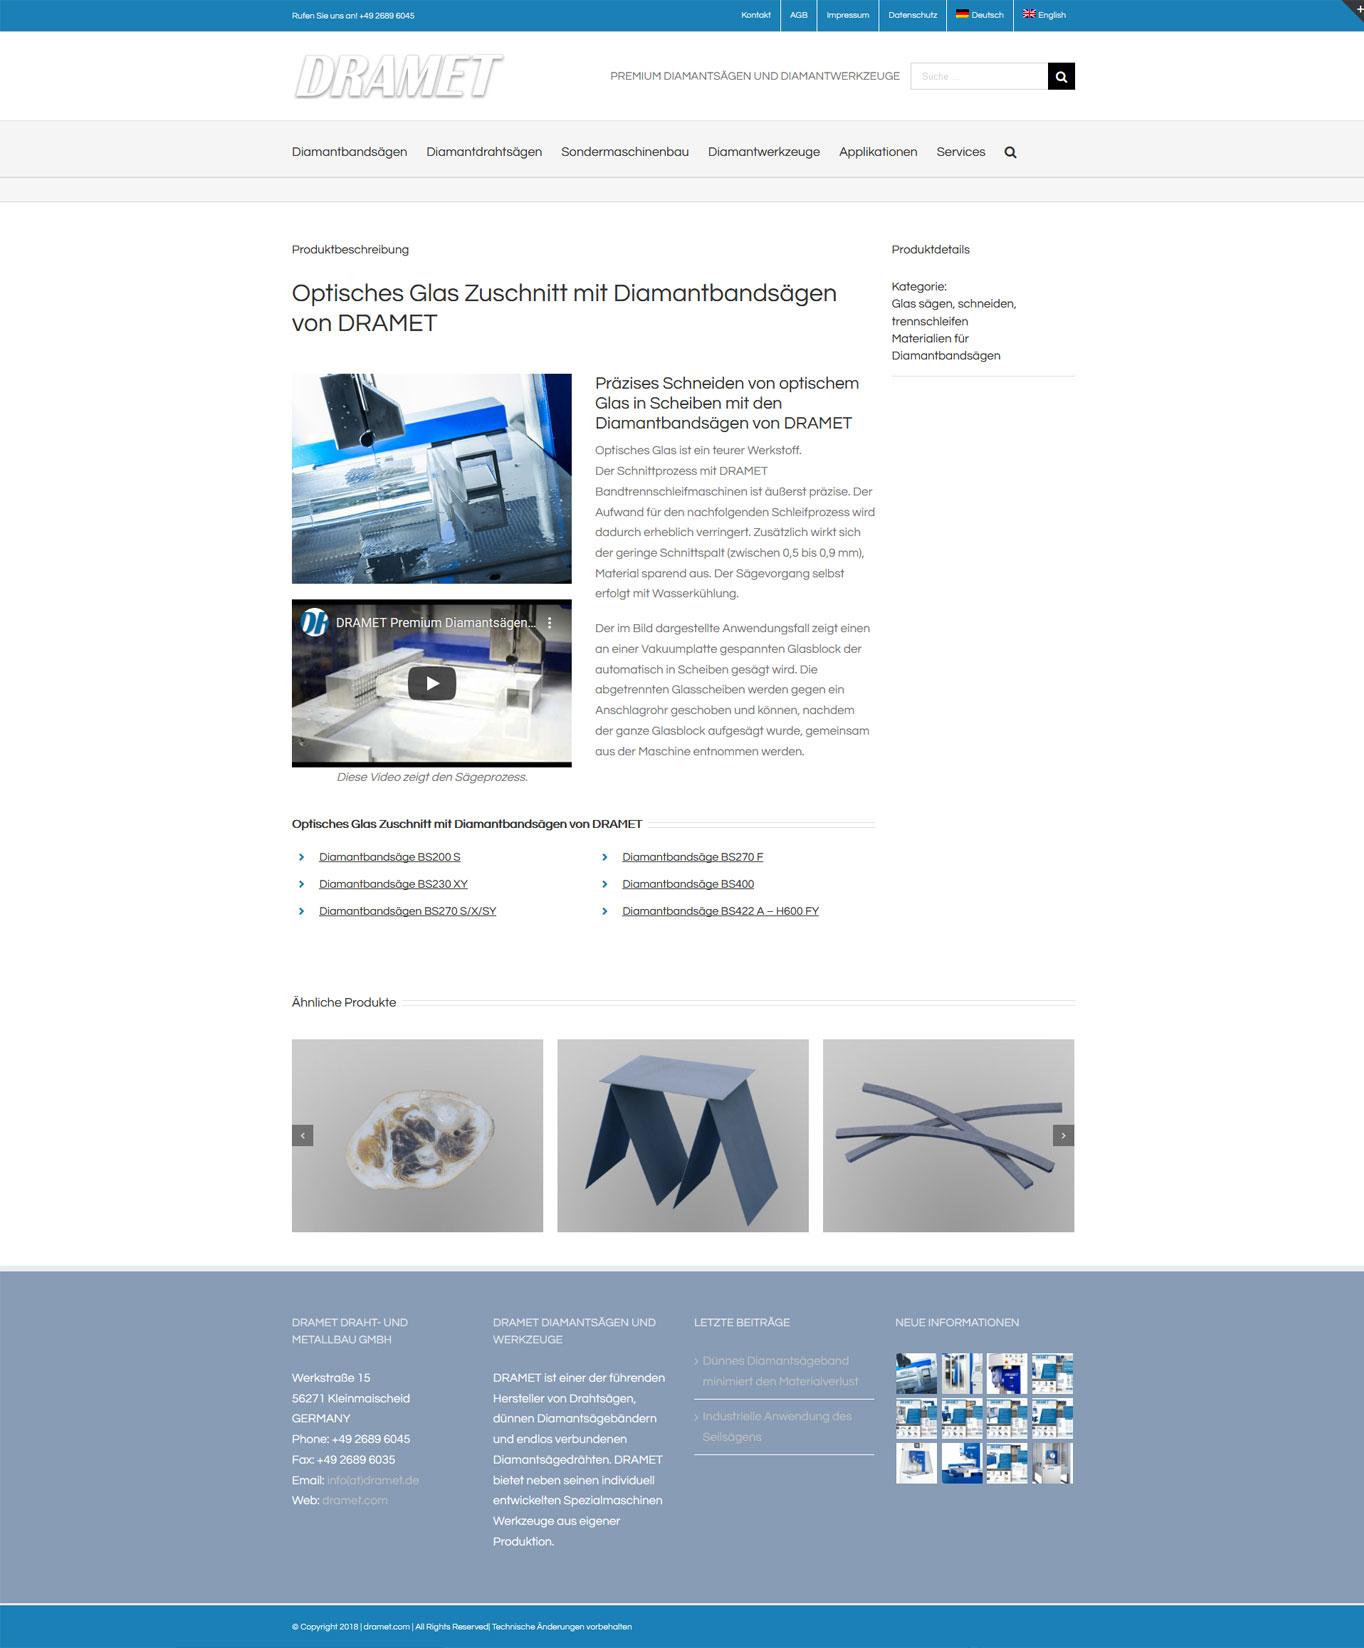 -DRAMET SEO und Marketing JF Mediendesign